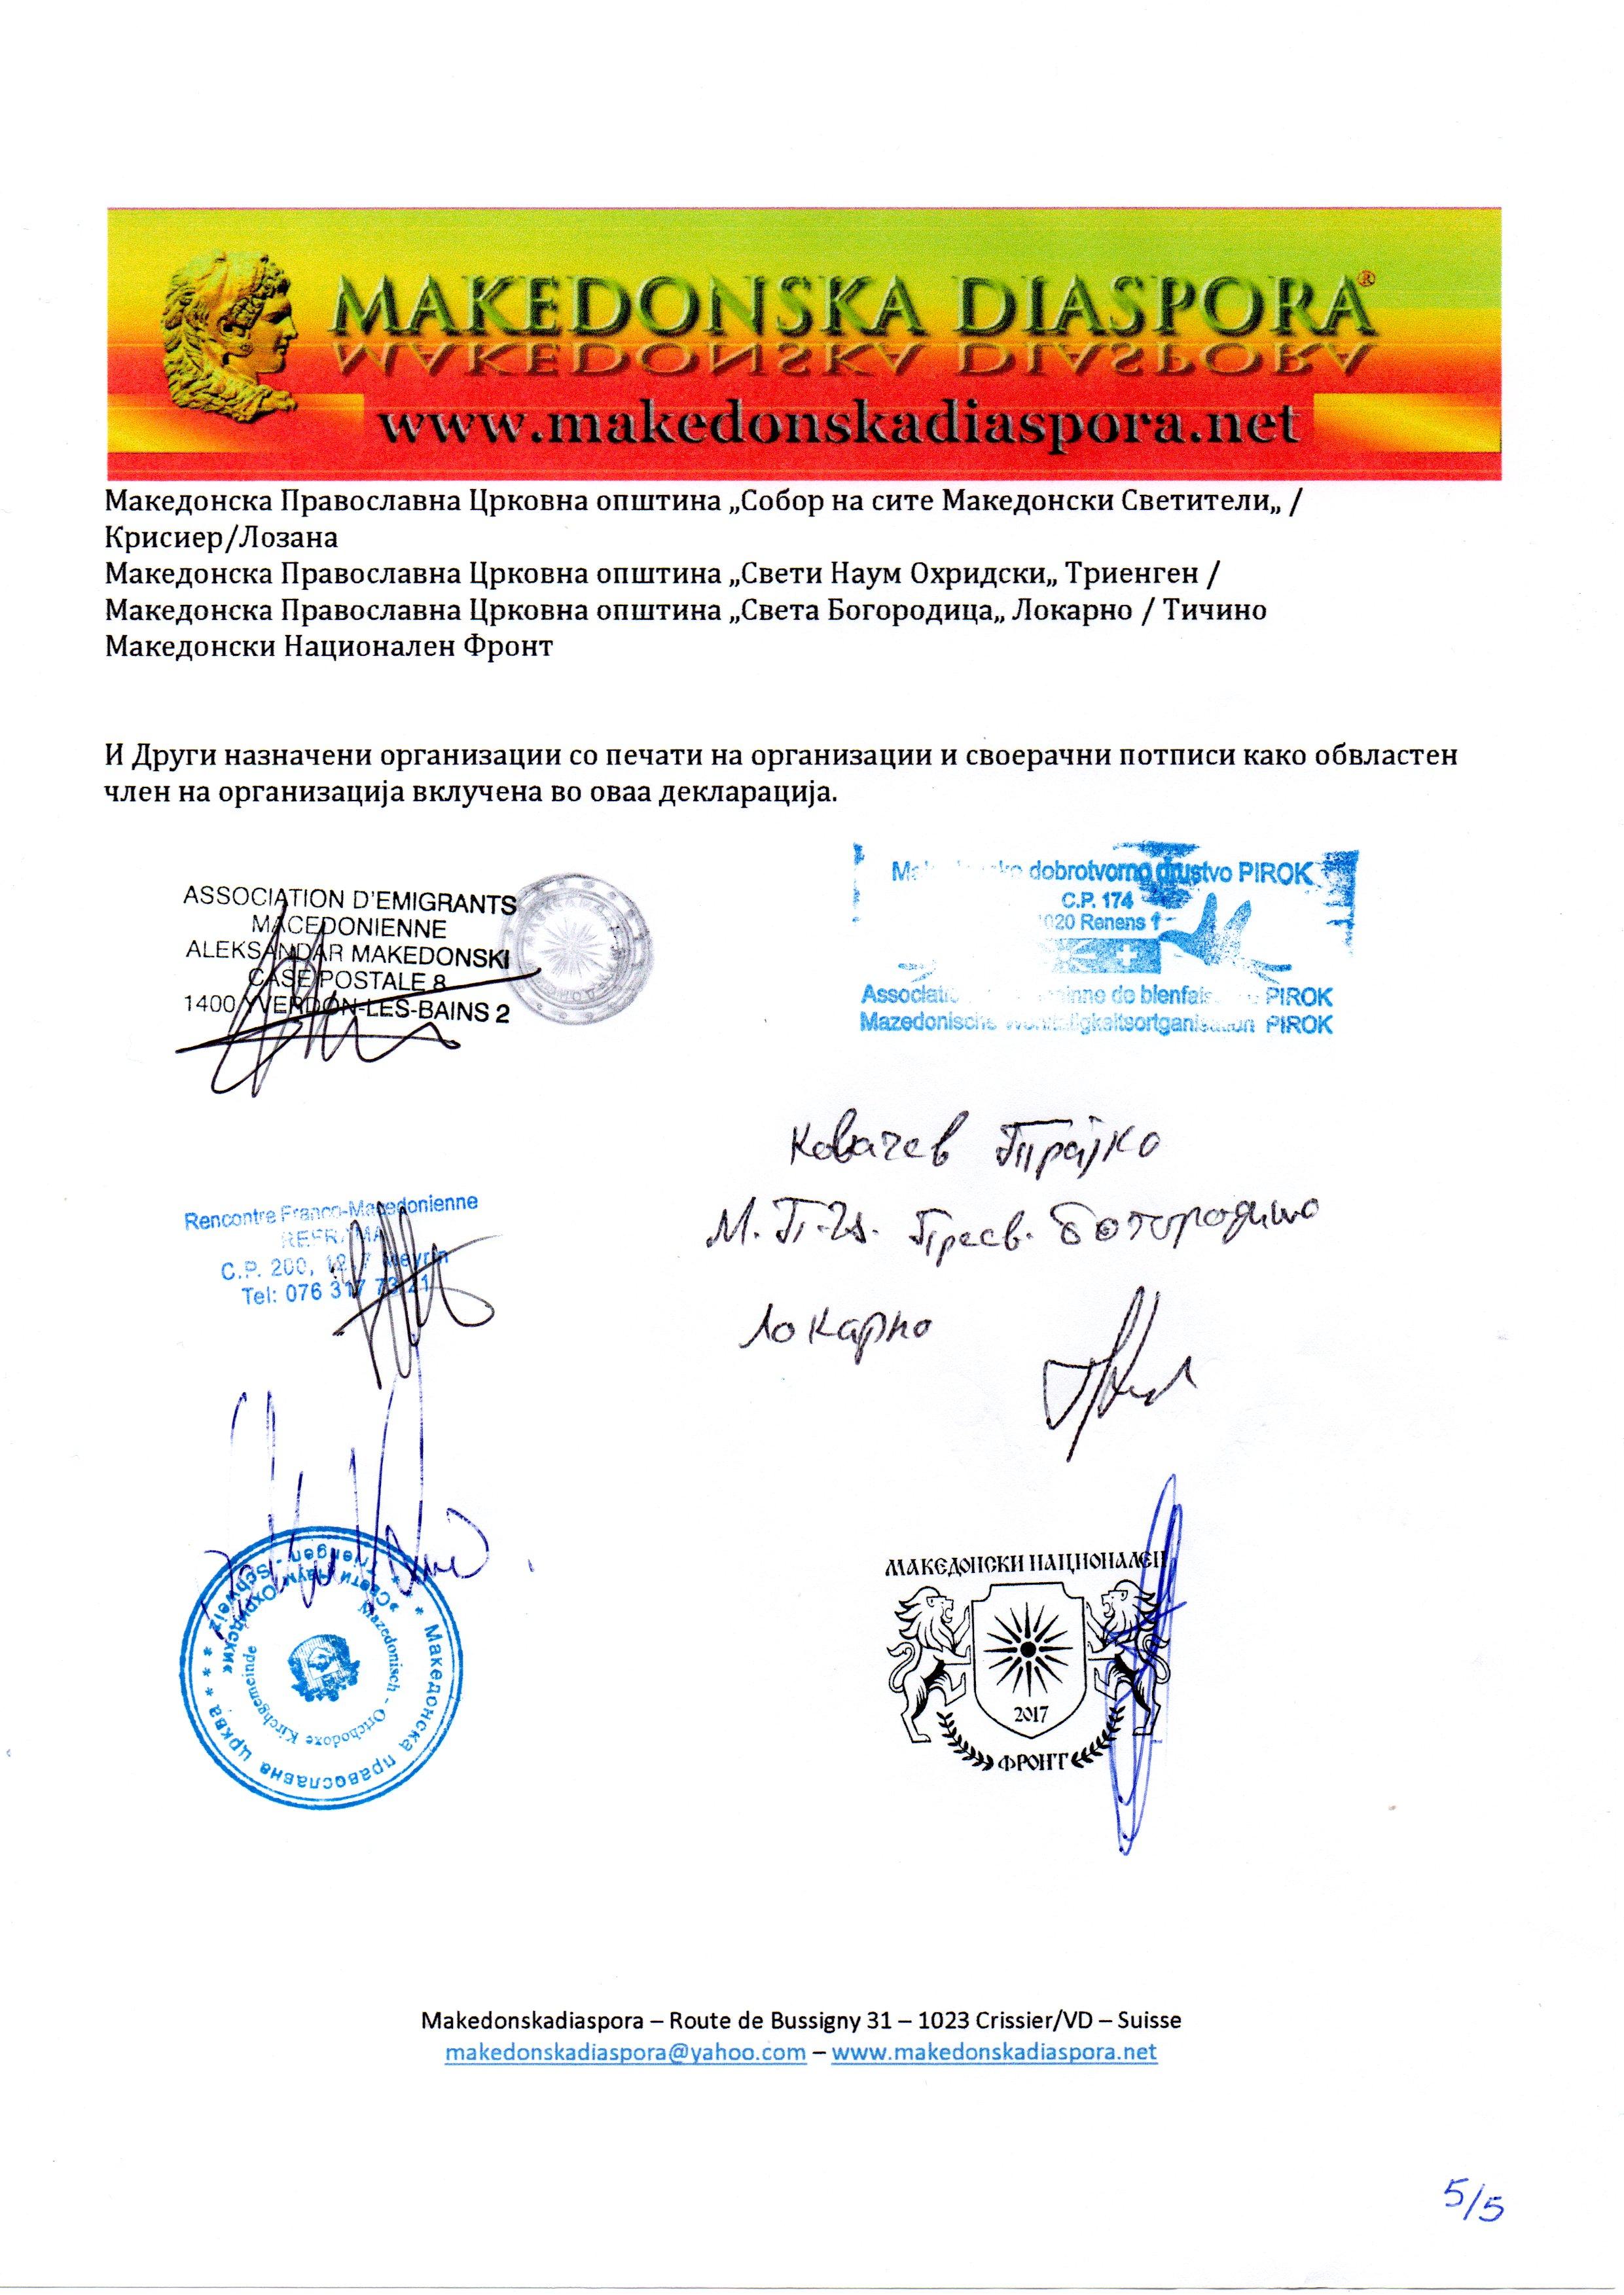 Pismo do Presedatelot Ivanov 5